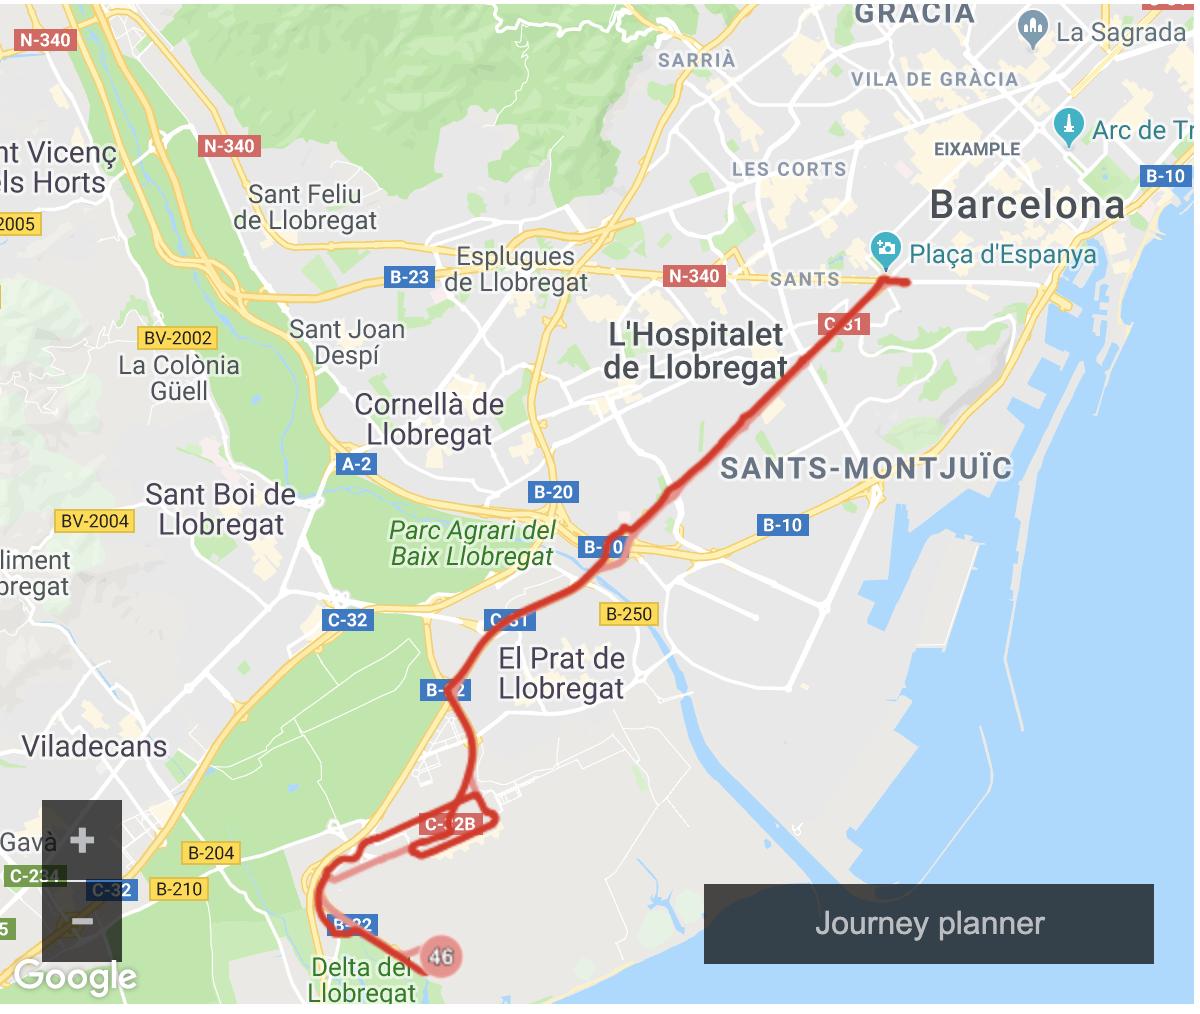 西班牙巴塞隆納BCN機場到市區交通方式|火車、地鐵、機場巴士、機場接送總整理,推薦Aerobus進出機場最方便